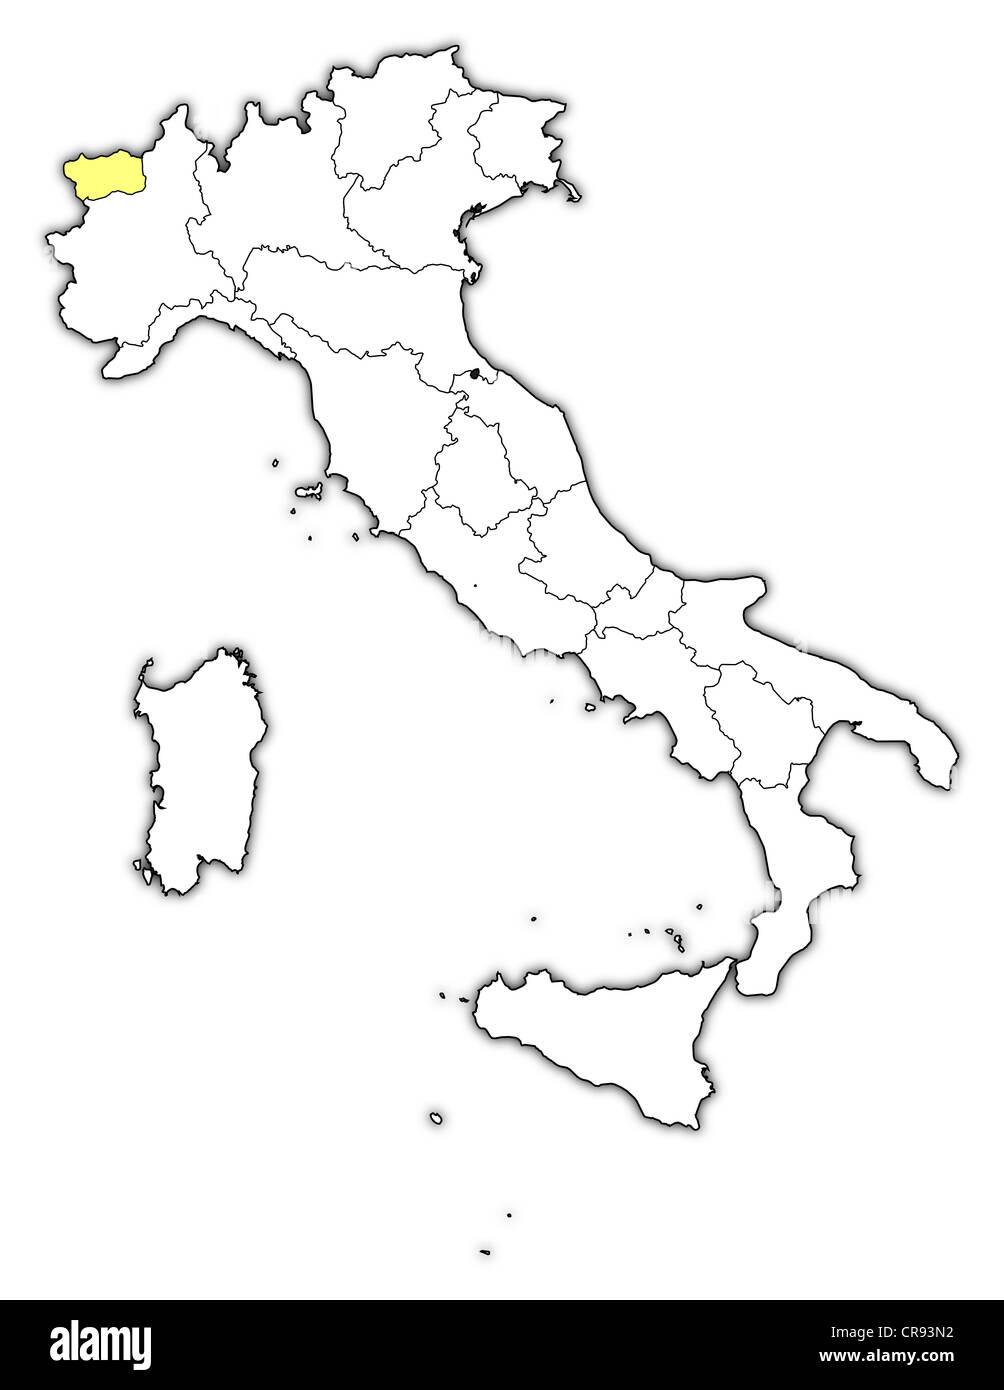 Cartina Italia Valle D Aosta.Mappa Politica Dell Italia Con Le Diverse Regioni Dove La